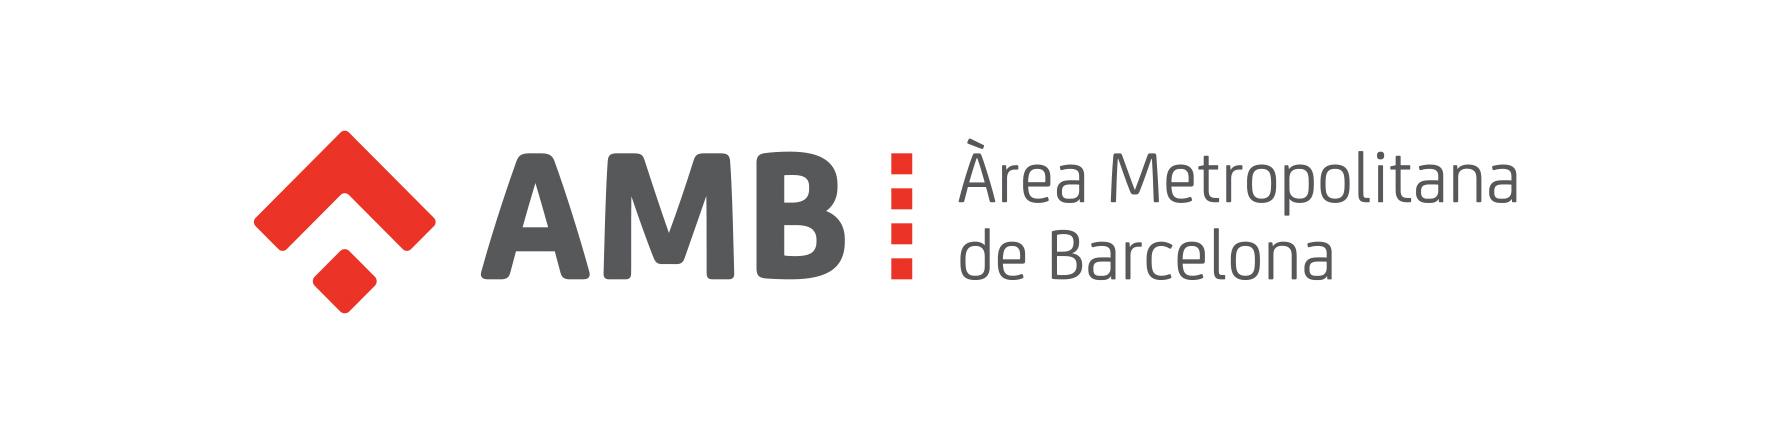 AMB - Àrea Metropolitana de Barcelona